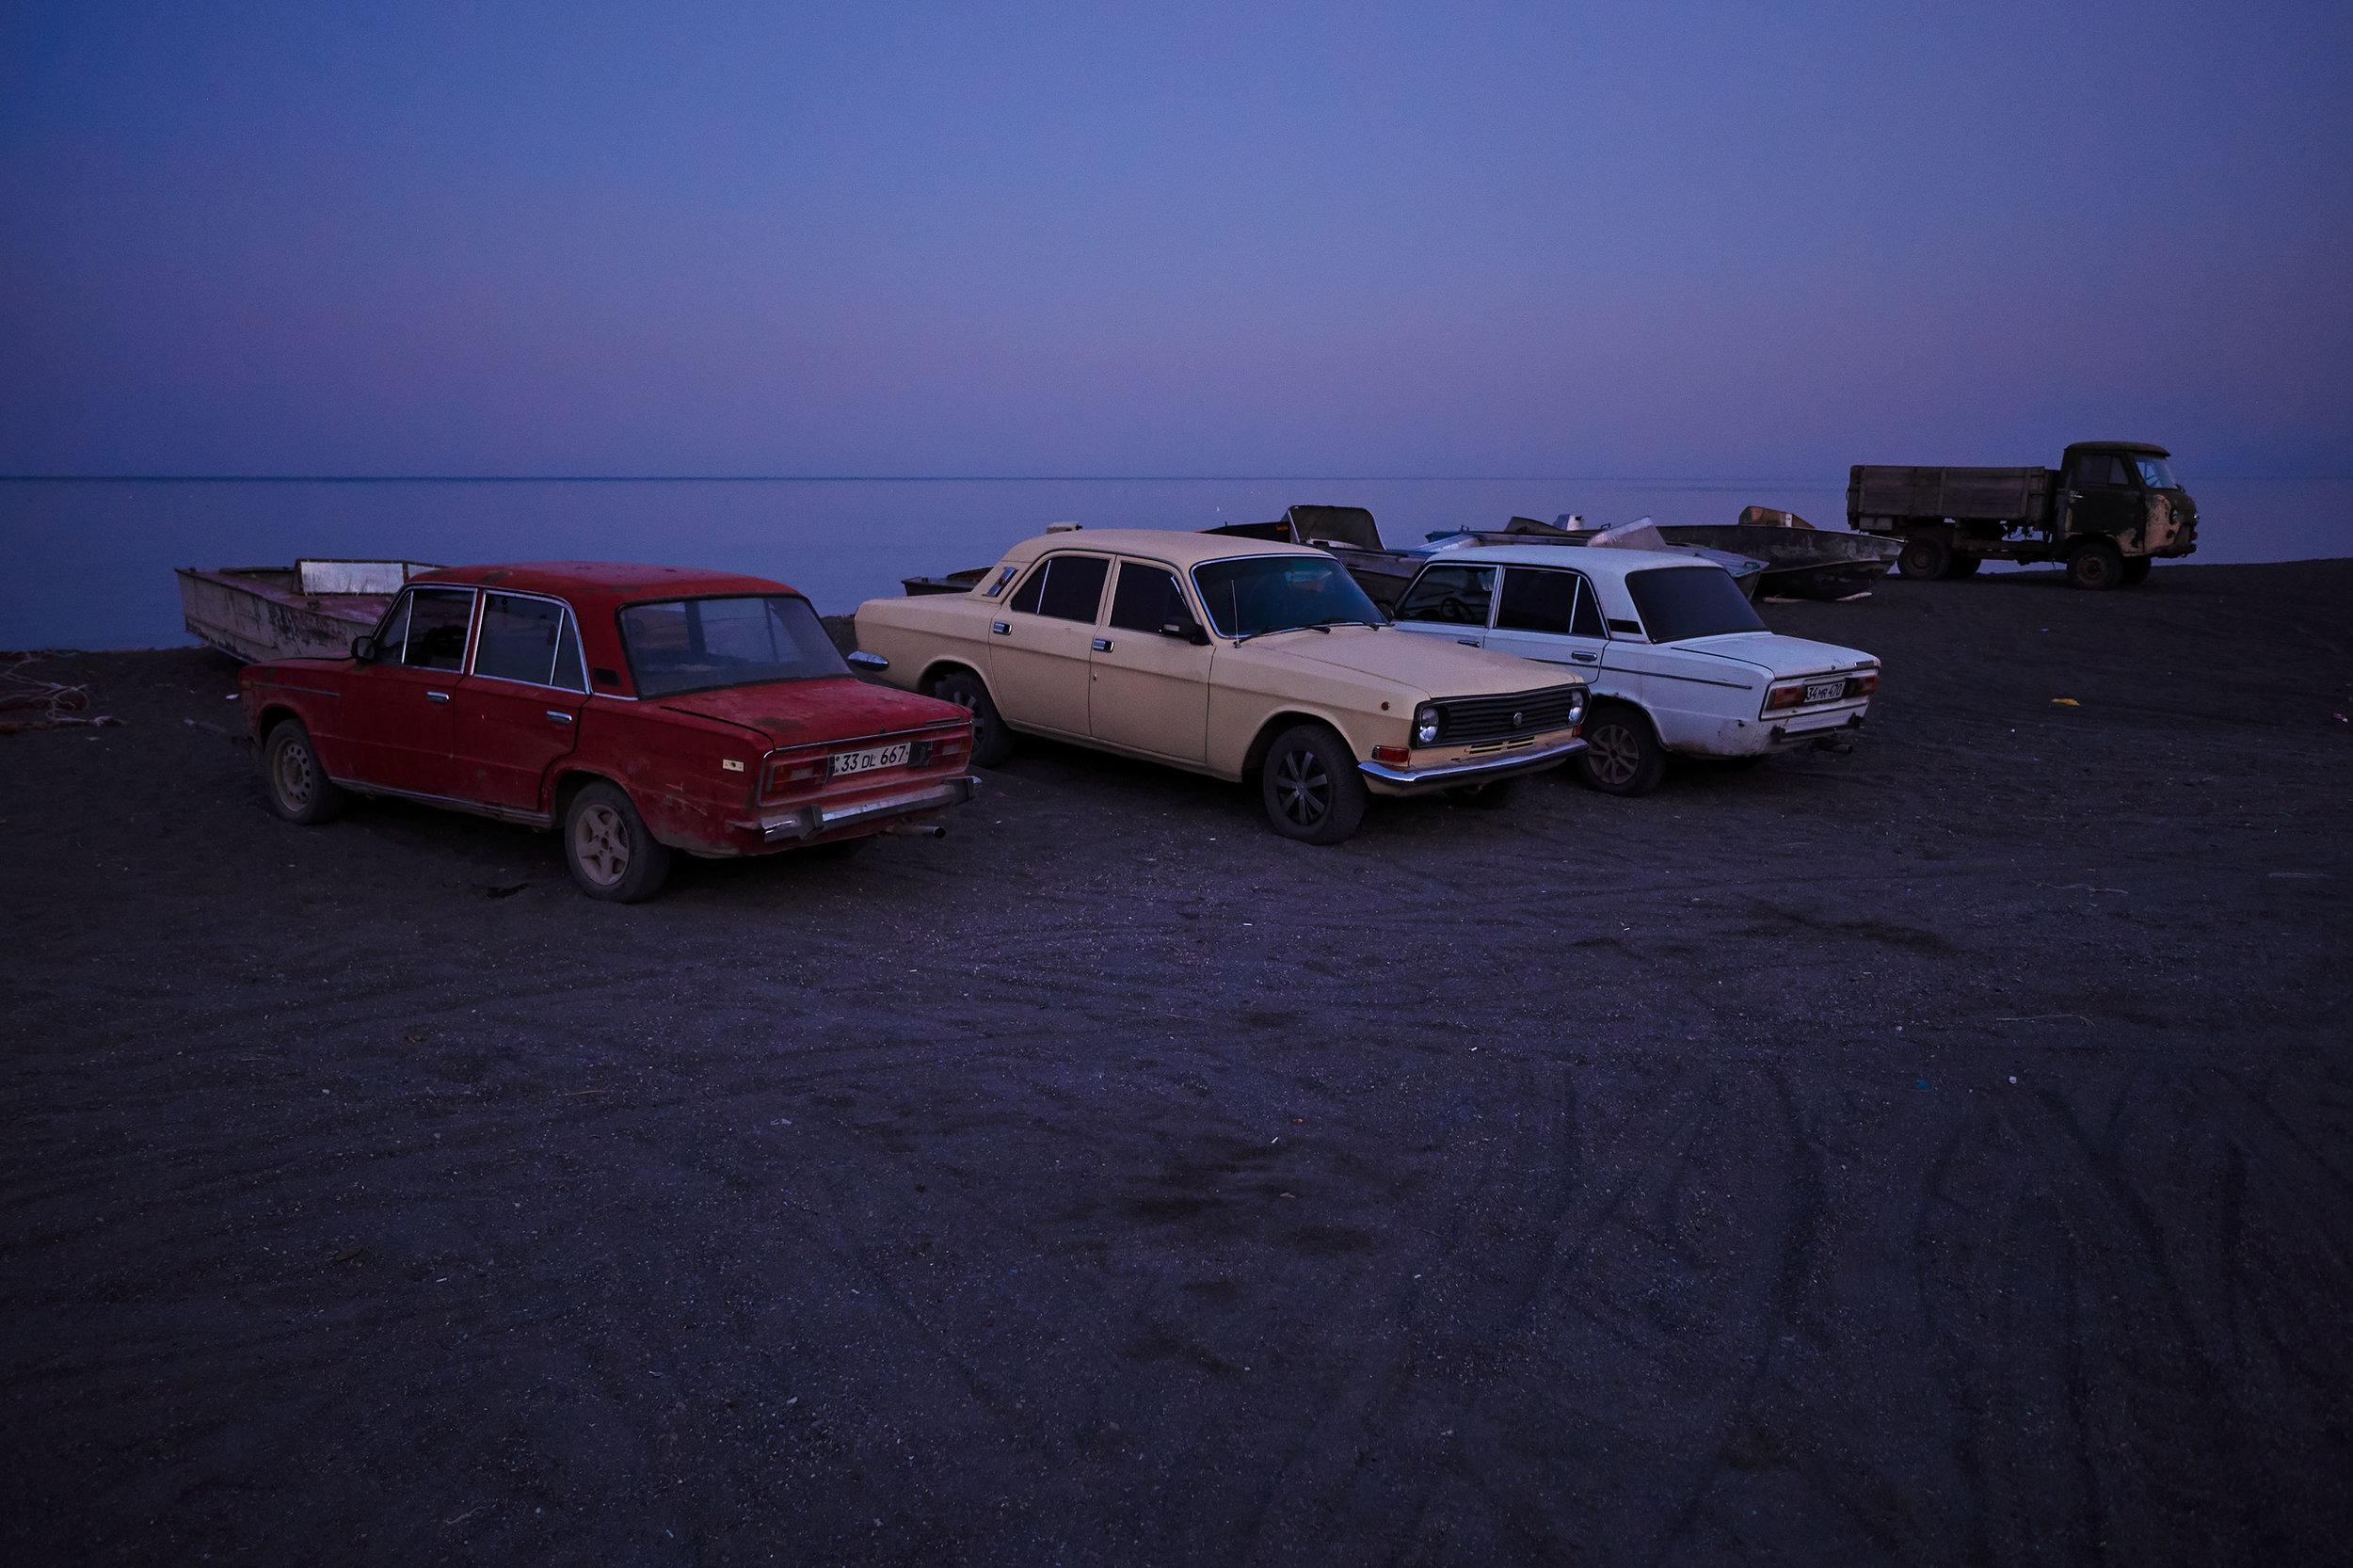 Armenia-Lake-Sevan-Soviet-cars-waiting-fishermen.JPG